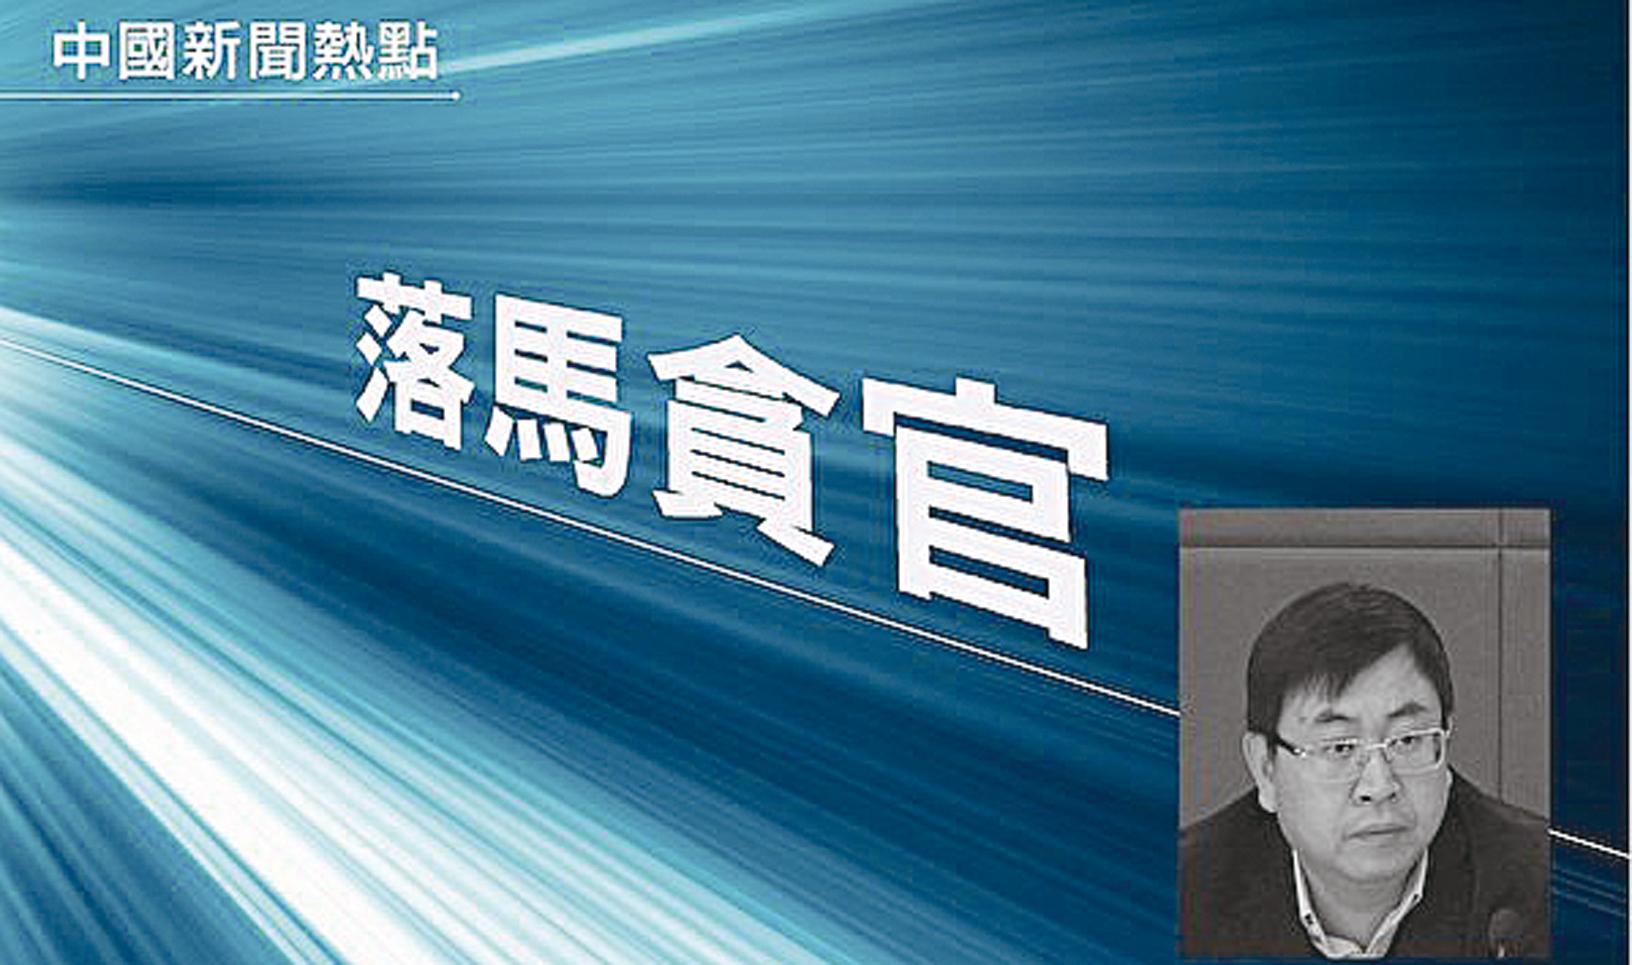 中共湖南前省委書記徐守盛的秘書王華平日前落馬。據報道分析,在今年兩會上「裸退」的徐守盛,料受牽連並遭到處分。(大紀元合成)